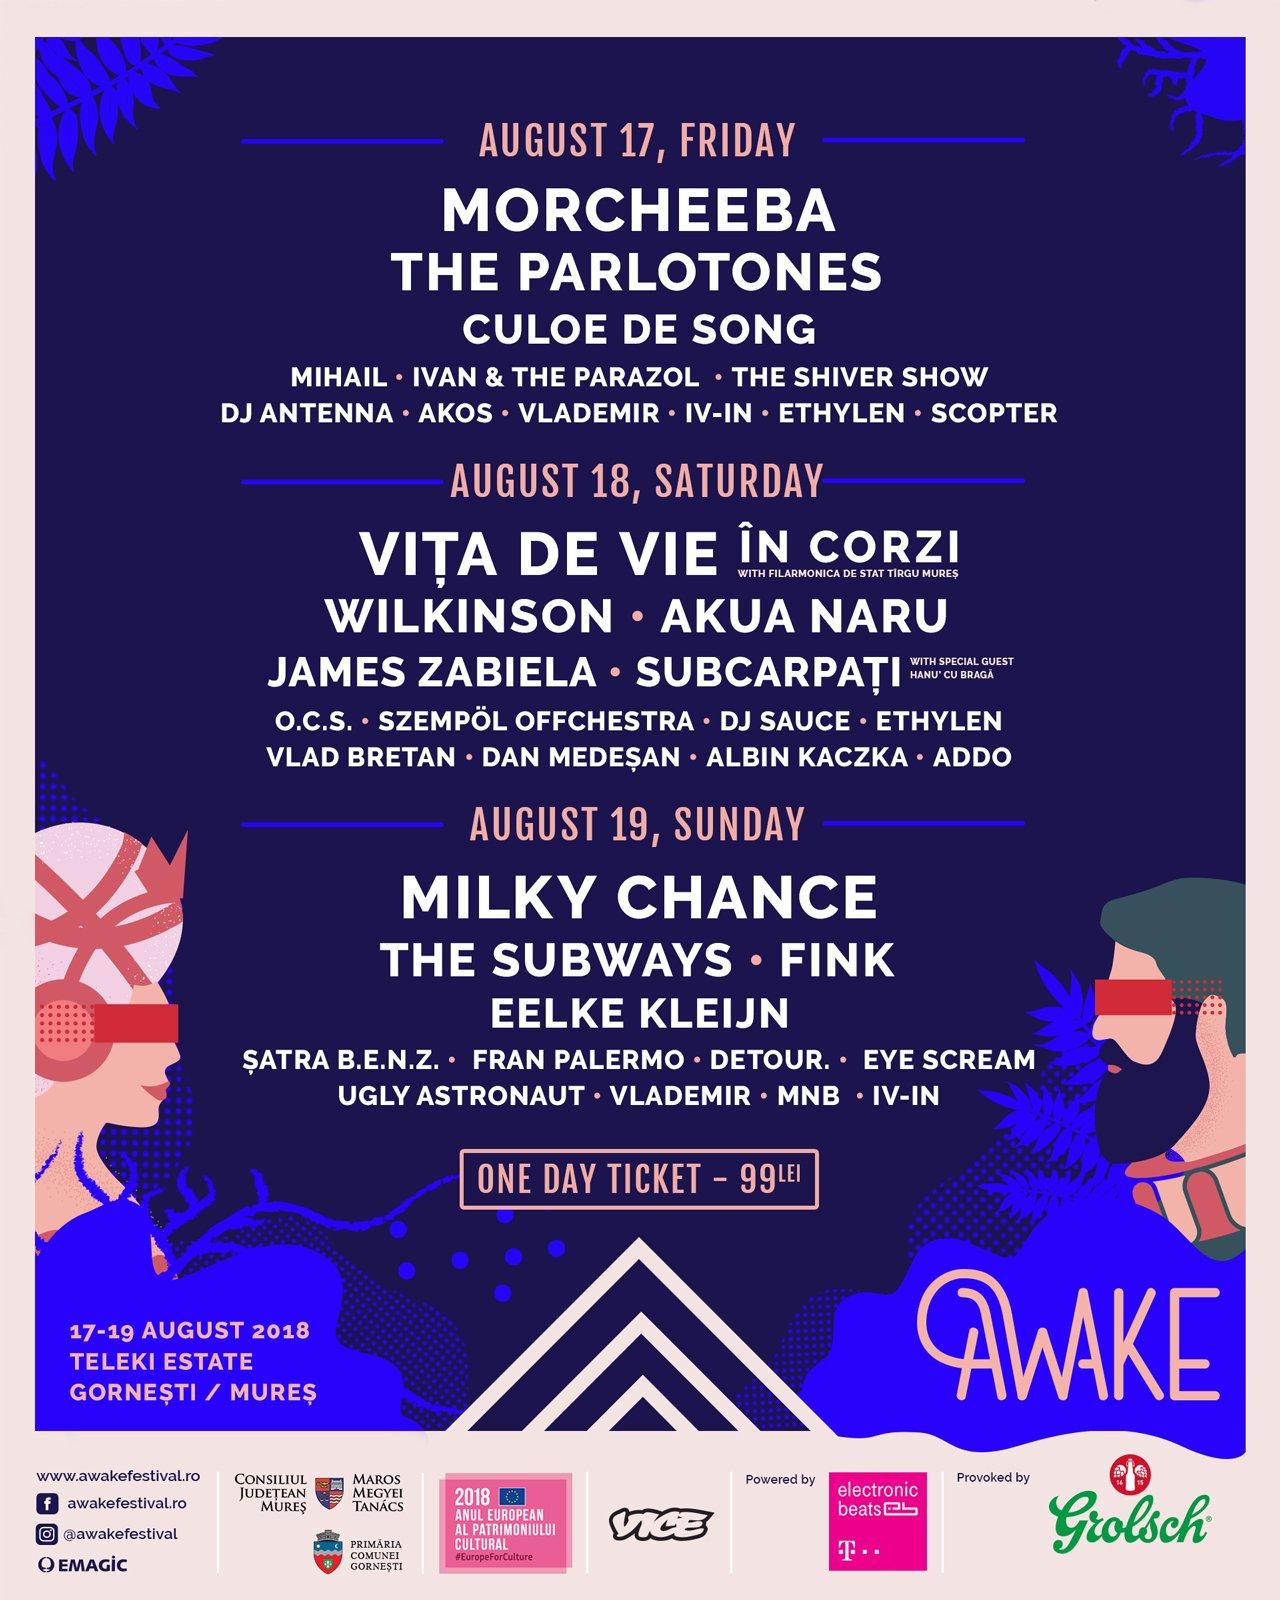 AWAKE lansează biletele de o zi